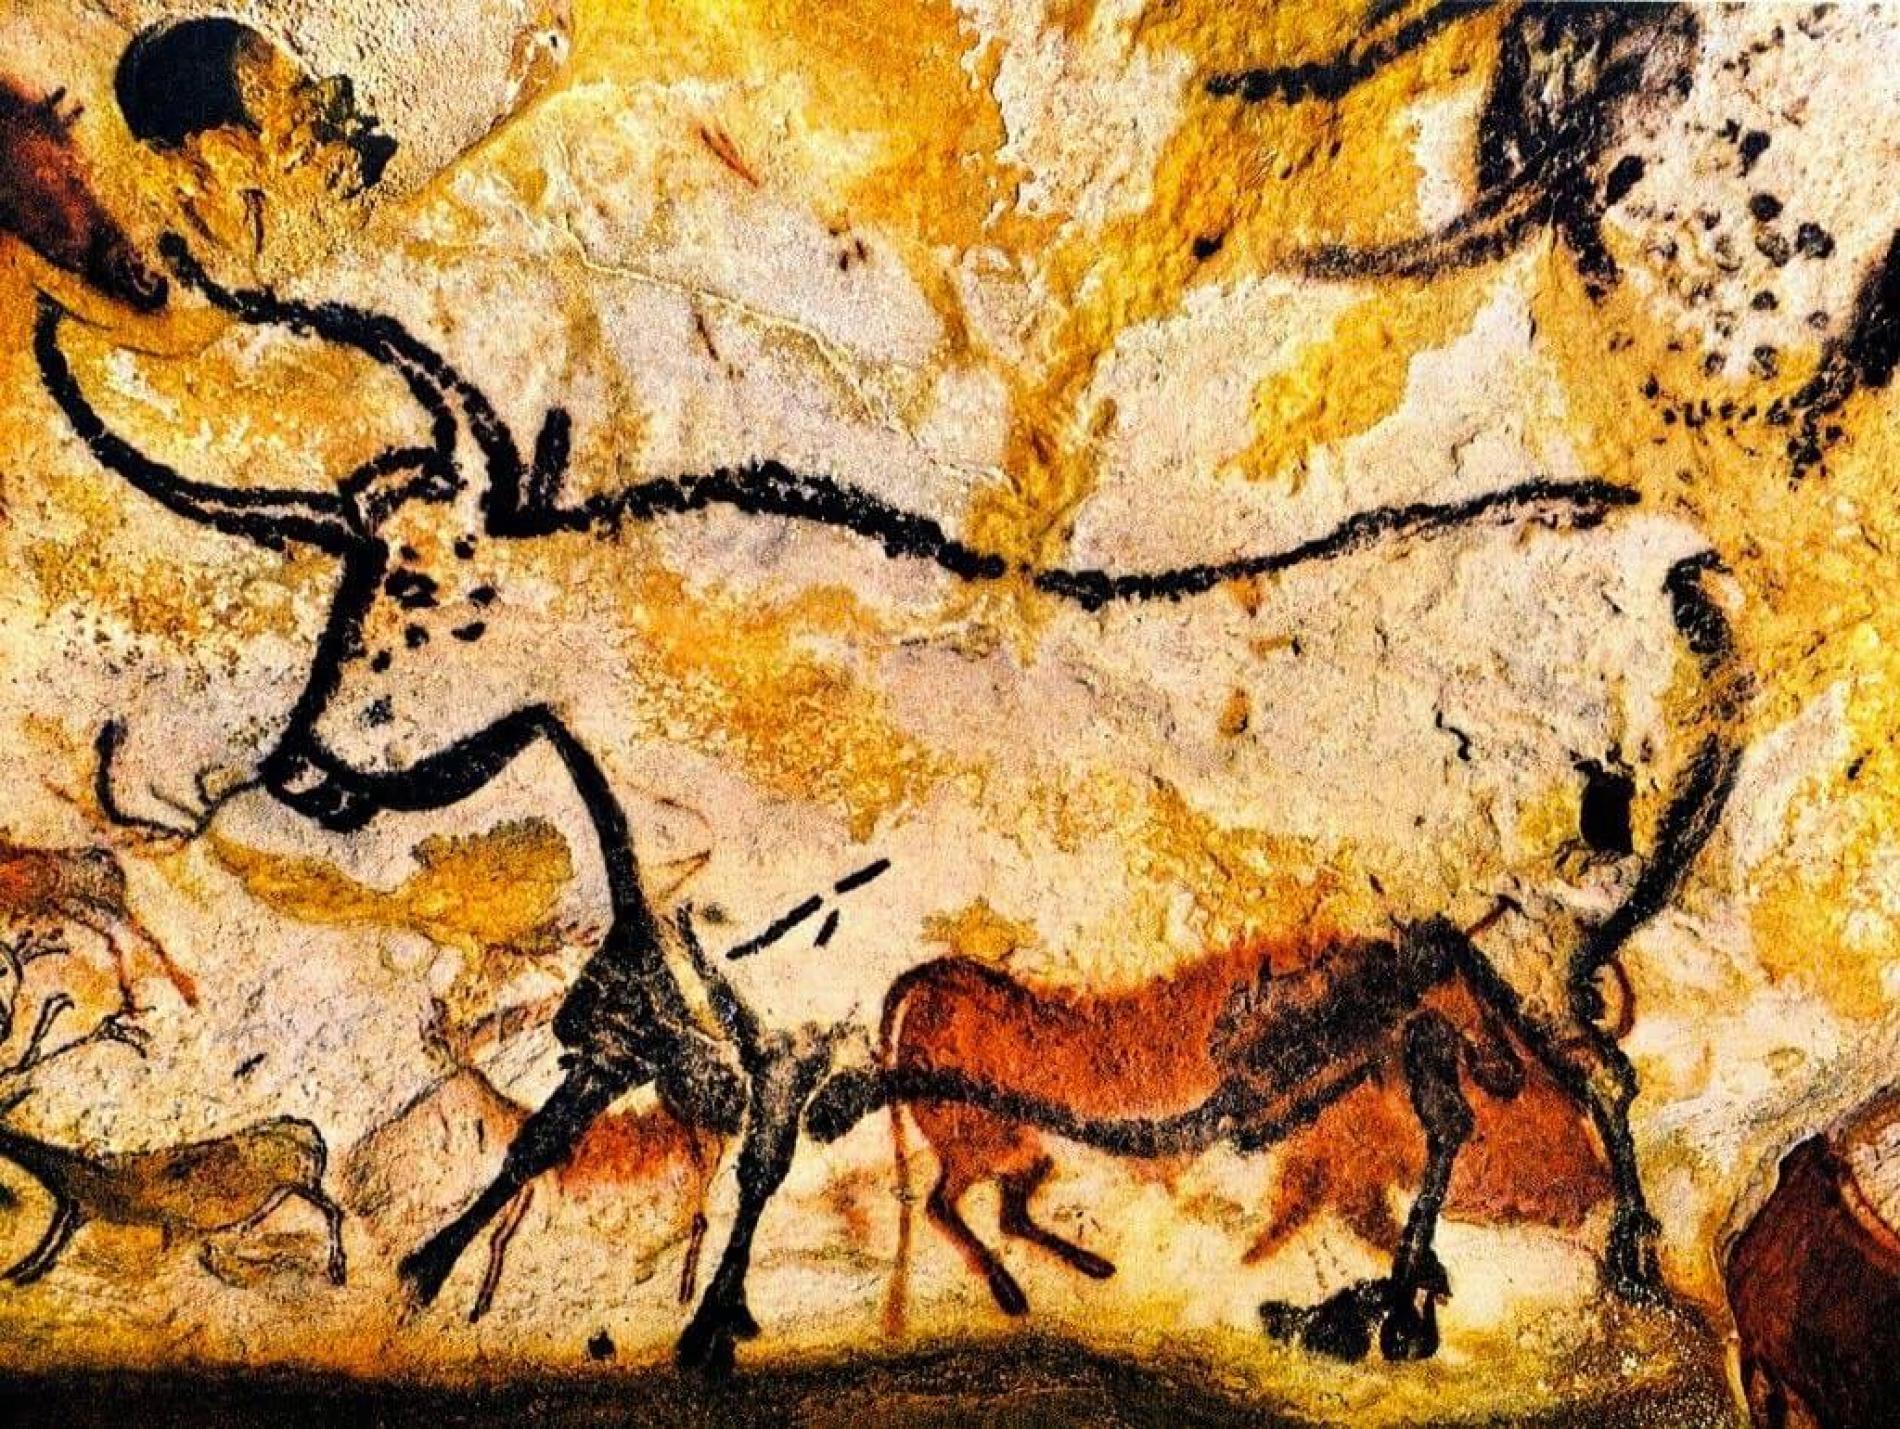 The Lascaux Cave